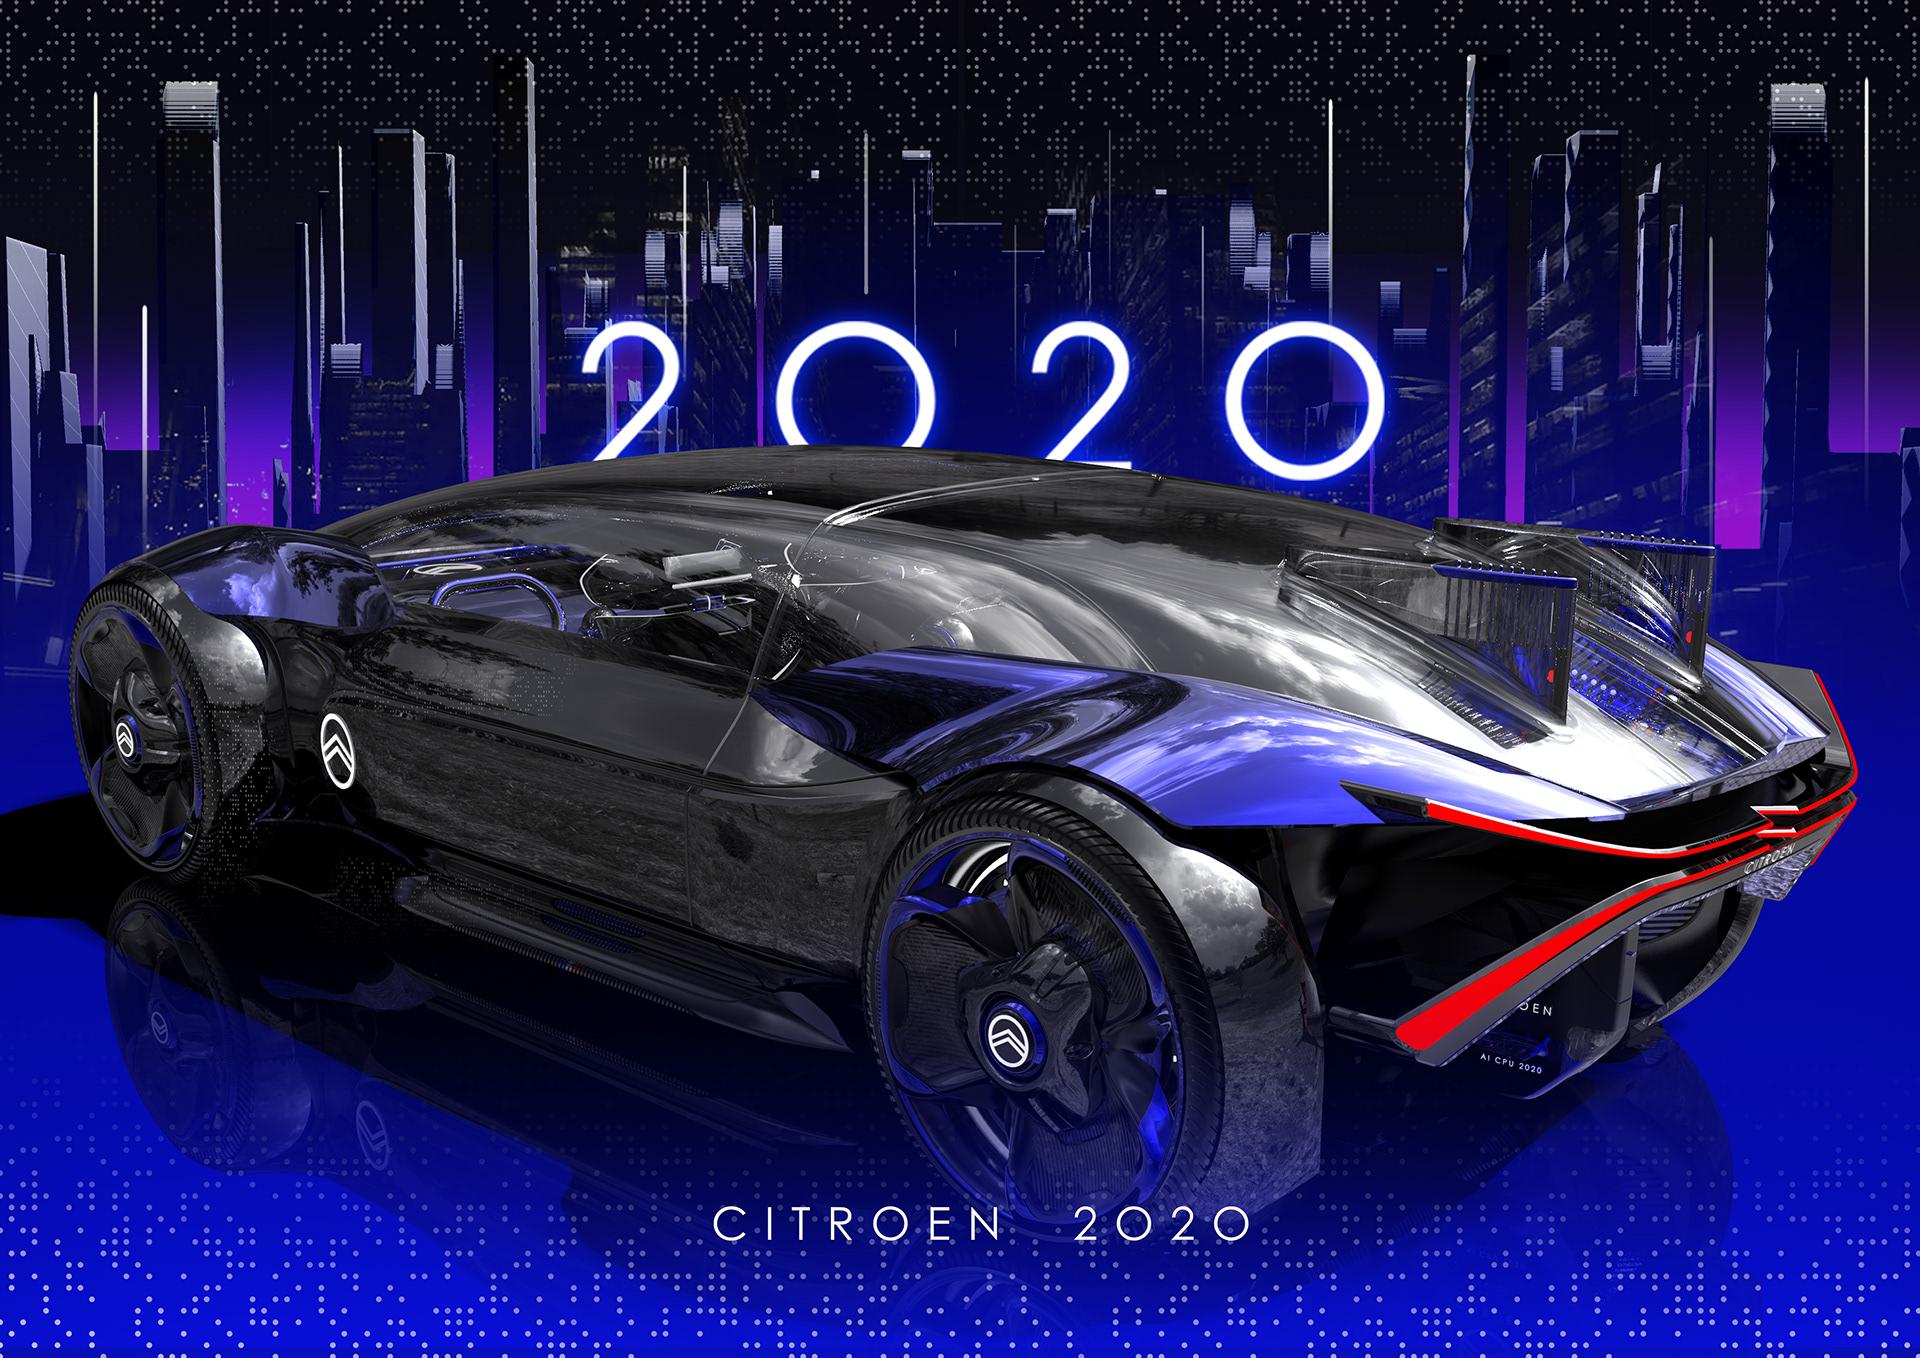 [Présentation] Le design par Citroën - Page 20 B3655991541359.5e343cb087a97